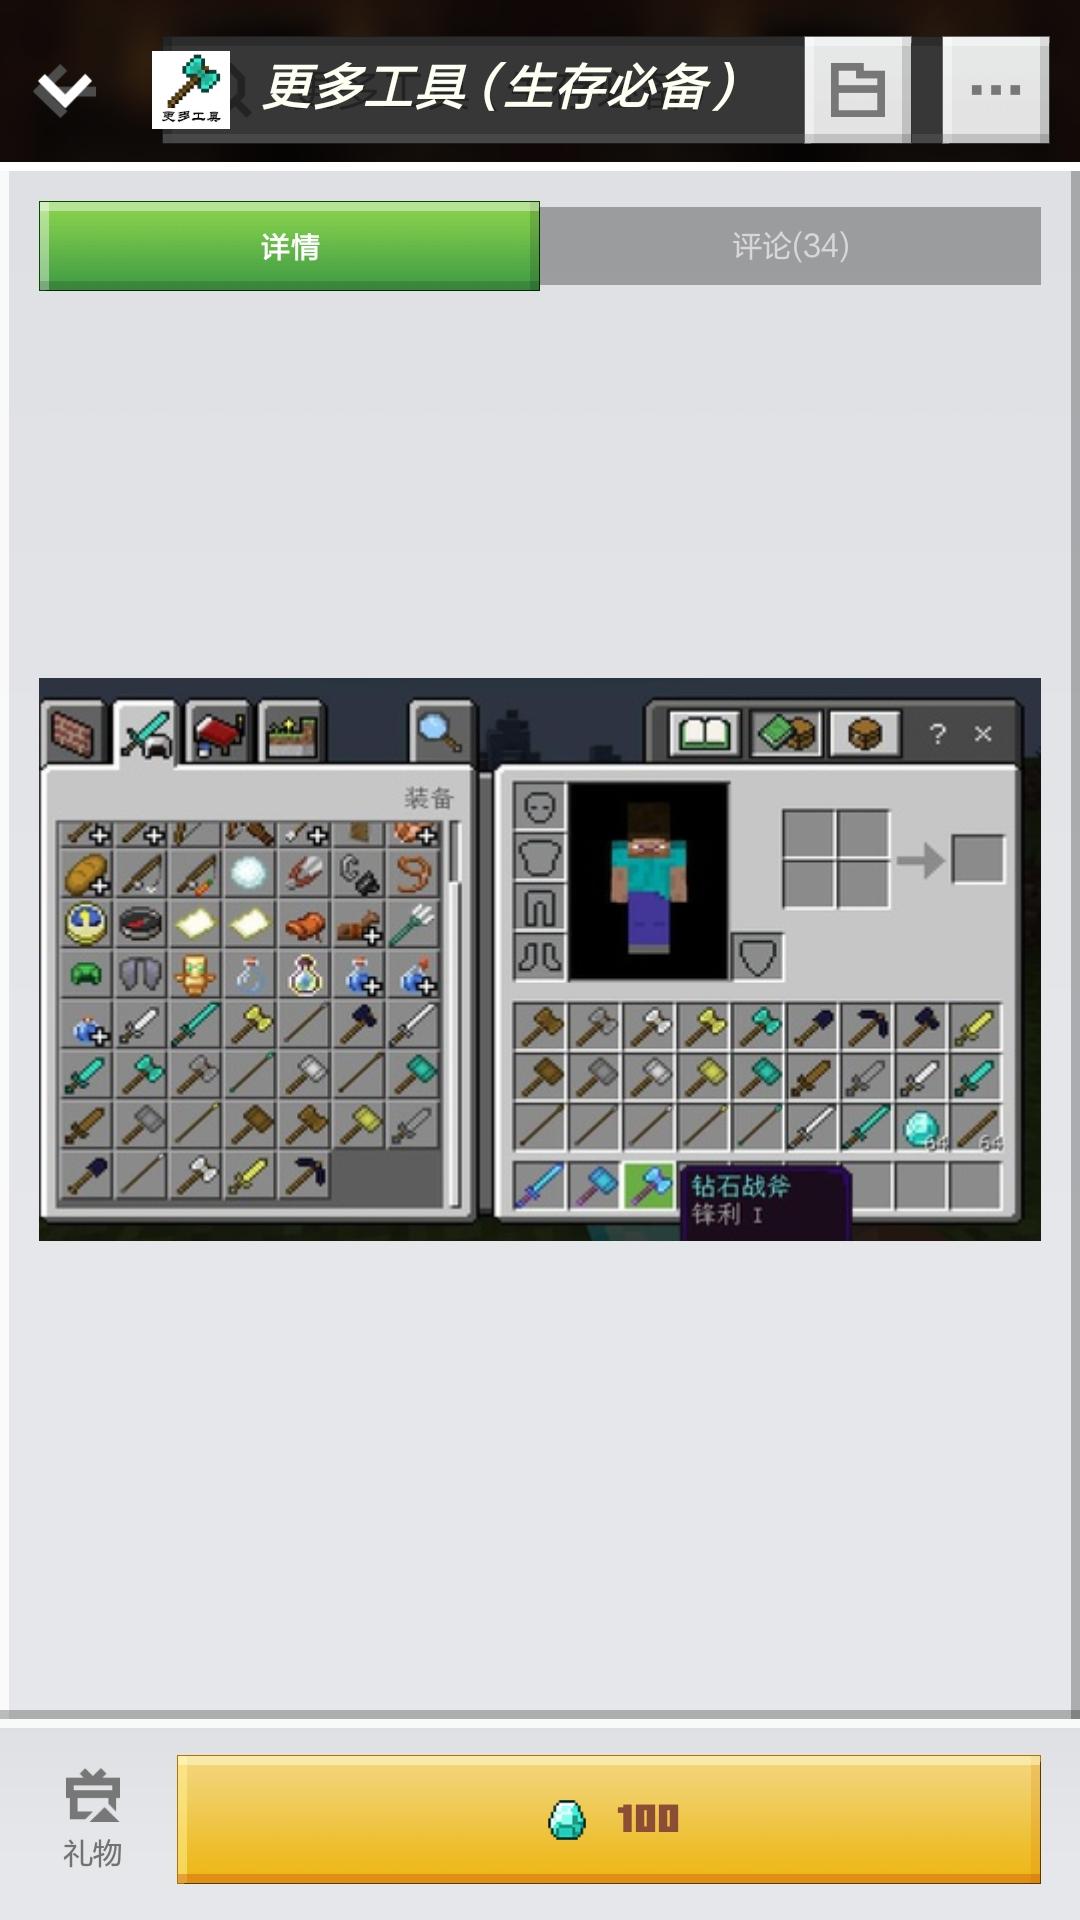 Screenshot_2021-02-07-12-40-02-085_com.netease.mc.m4399.jpg